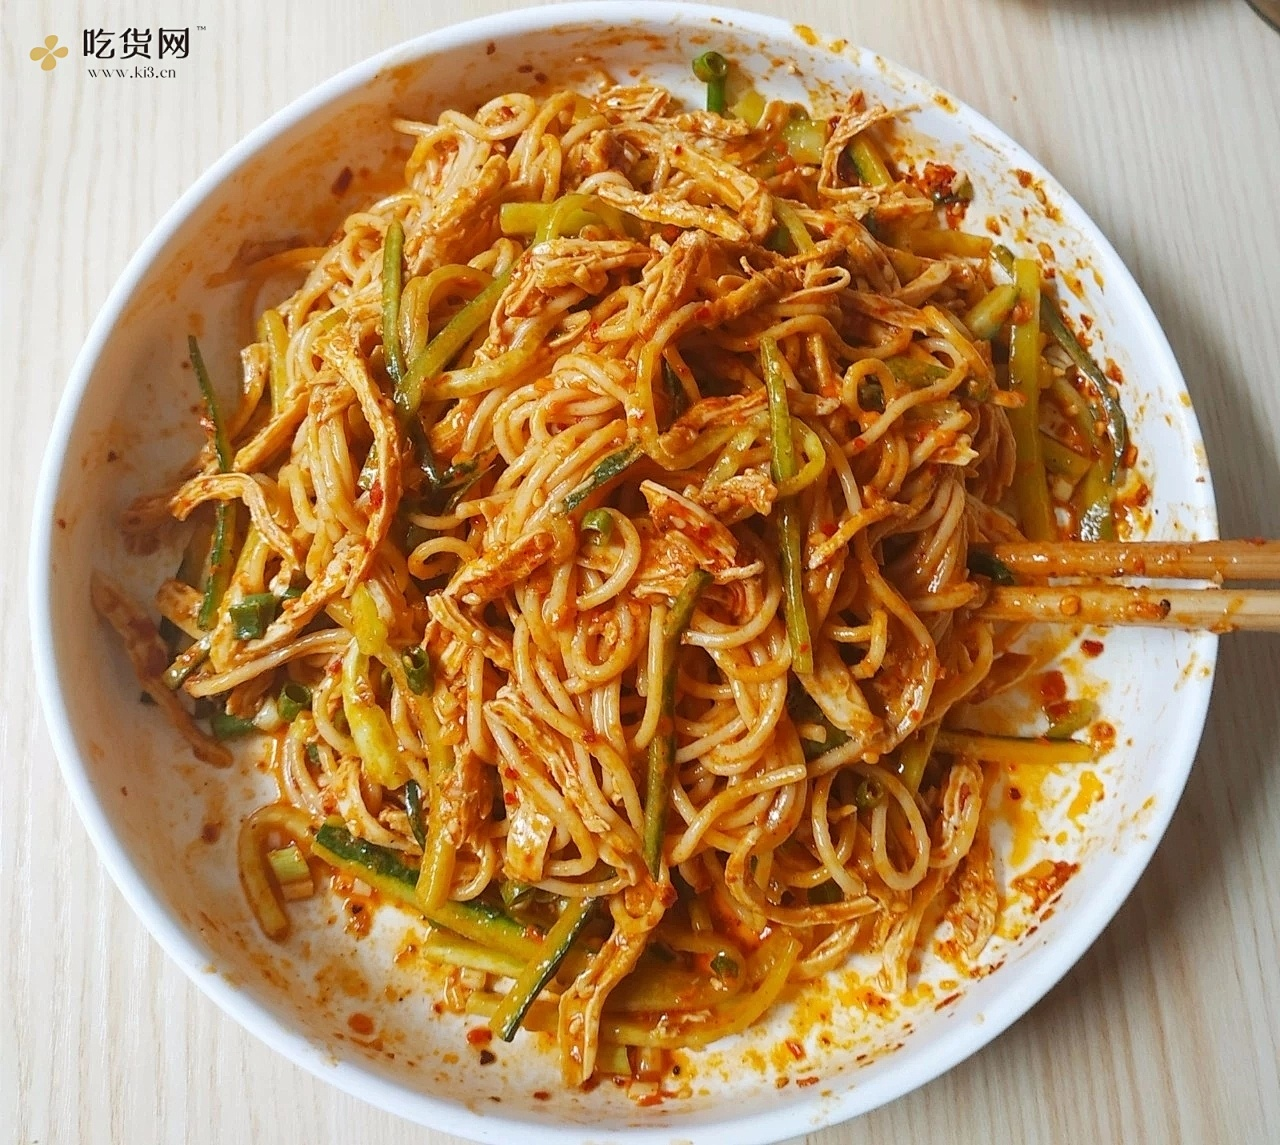 电饭煲美食|鸡丝凉拌面的做法 步骤9